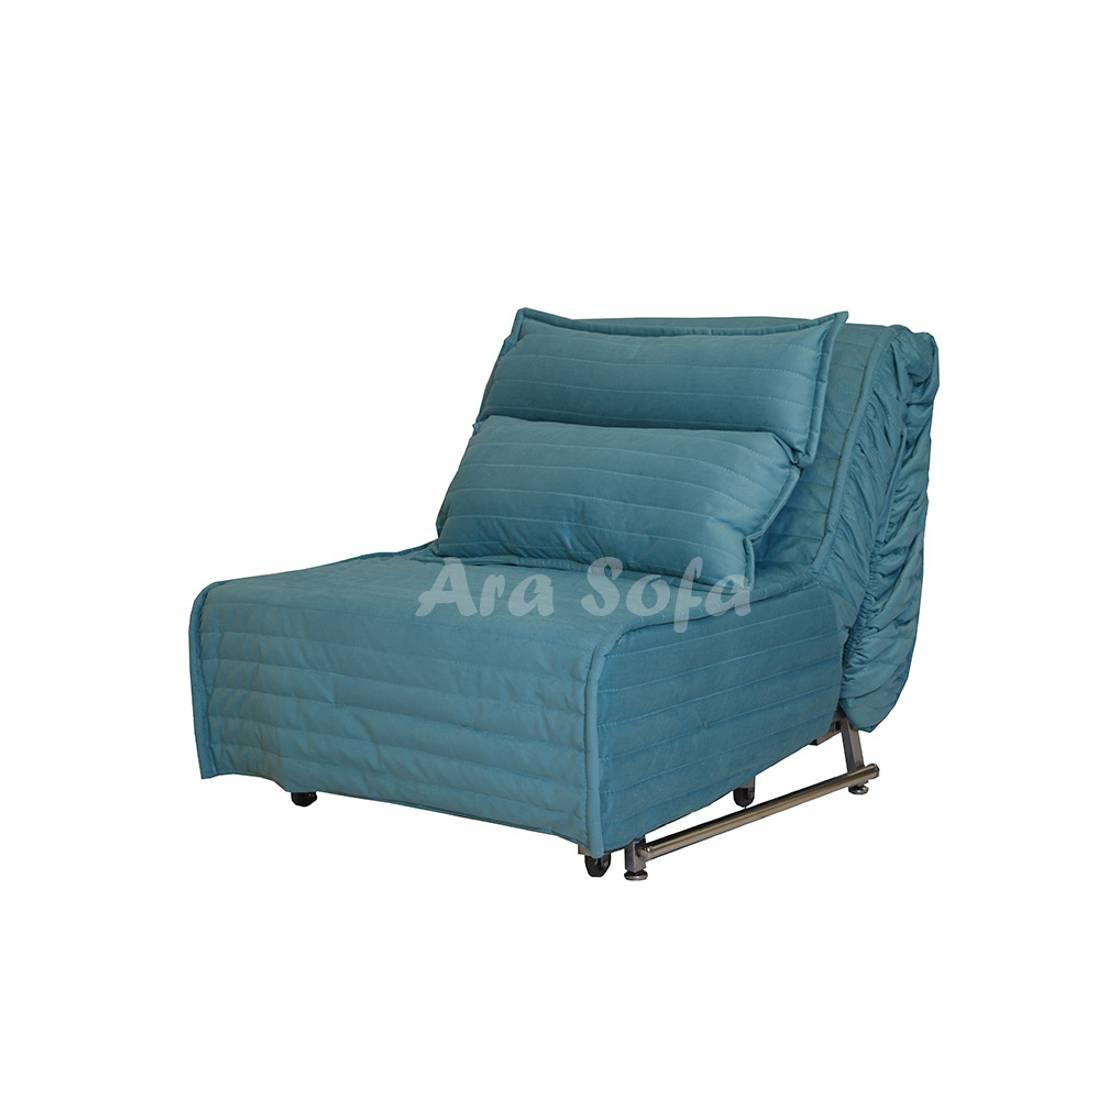 مبل راحتی ( تختخواب شو ) یک نفره آرا سوفا مدل C10